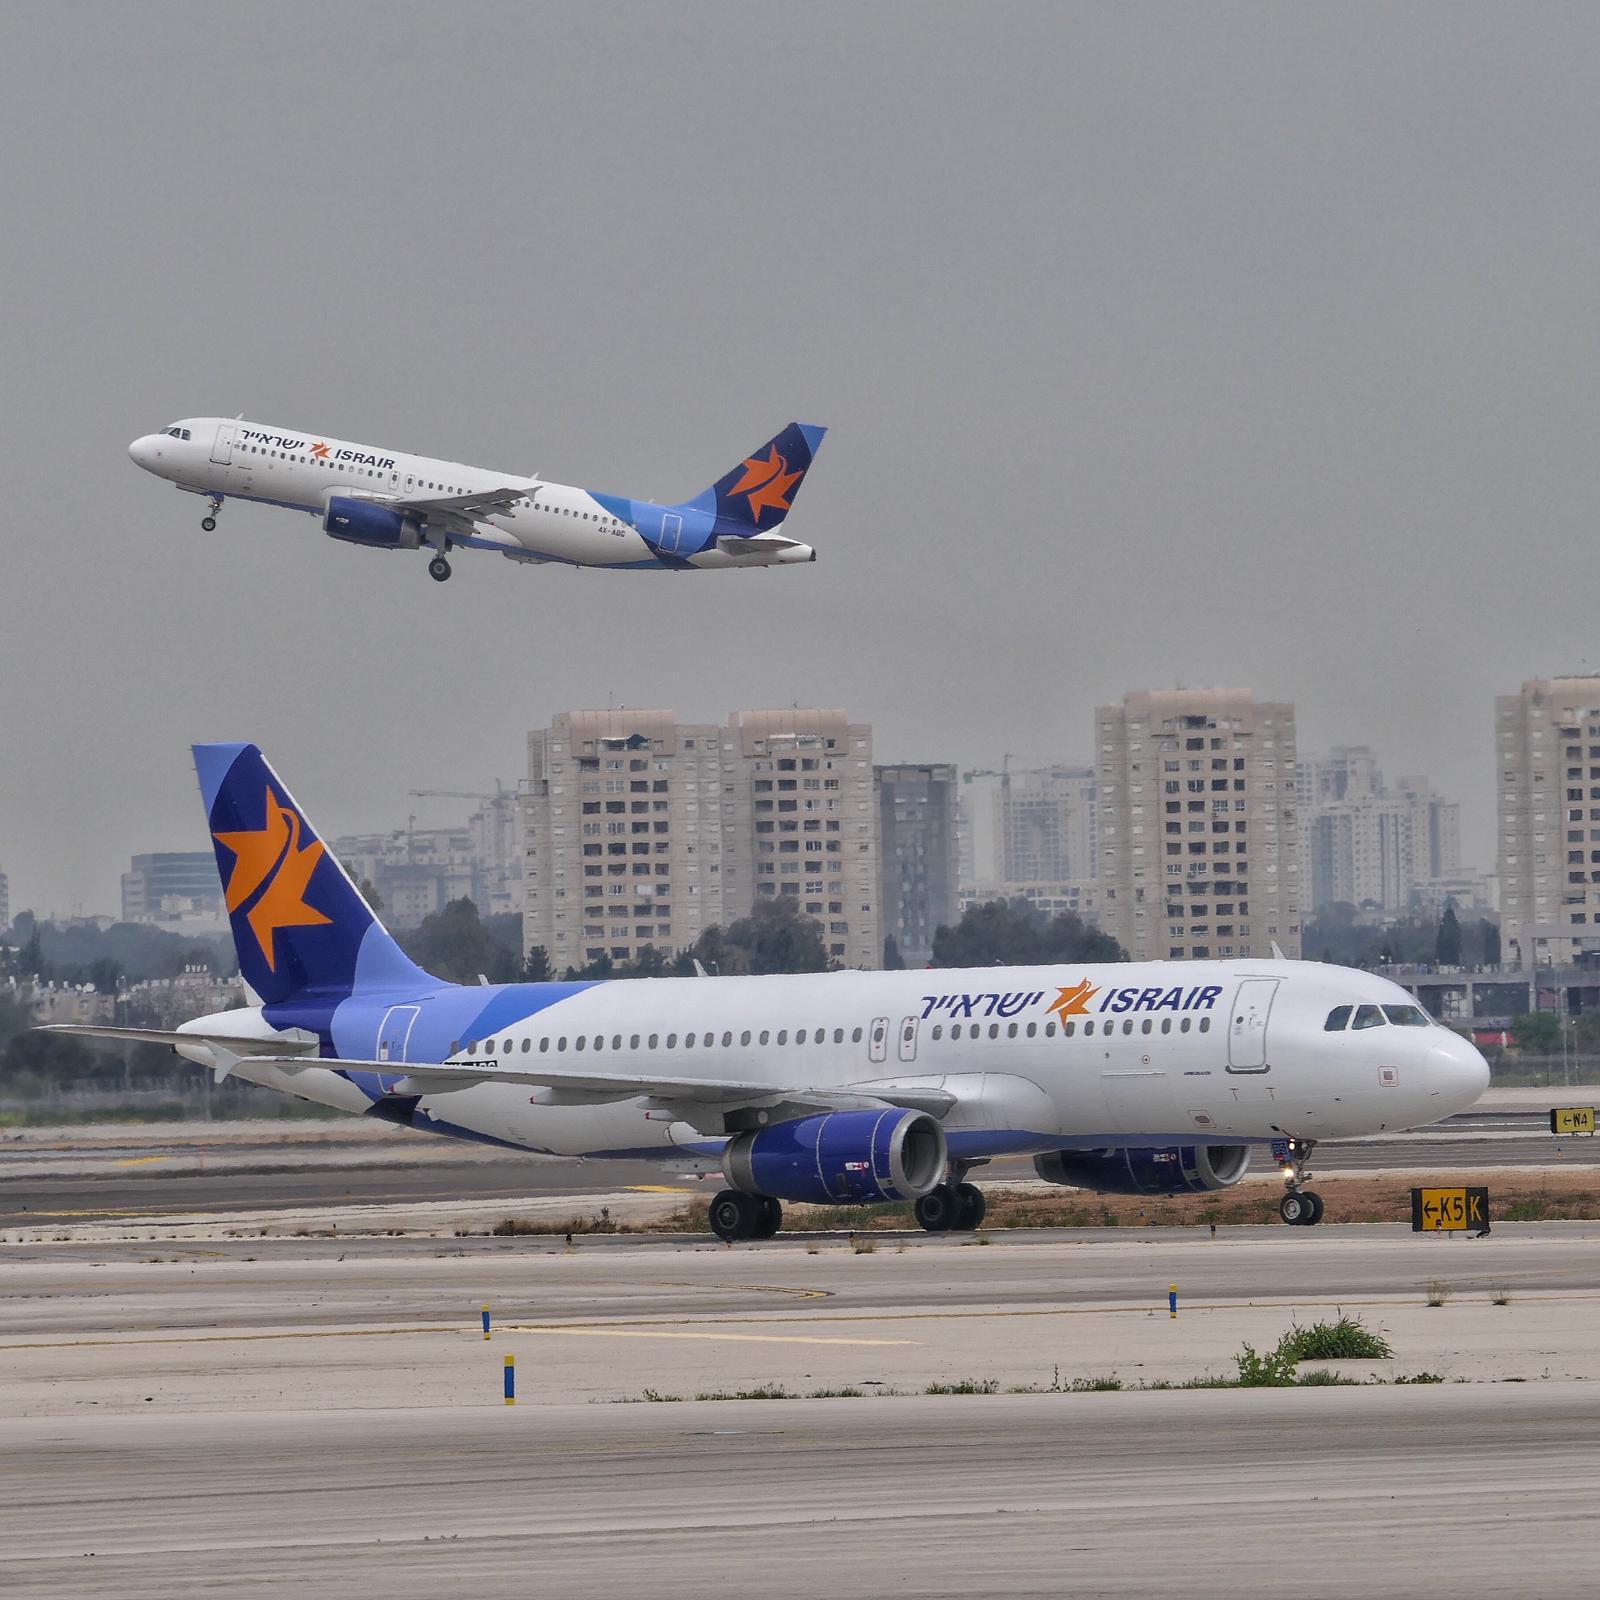 ישראייר תטוס ליוון וקפריסין במחירים מיוחדים